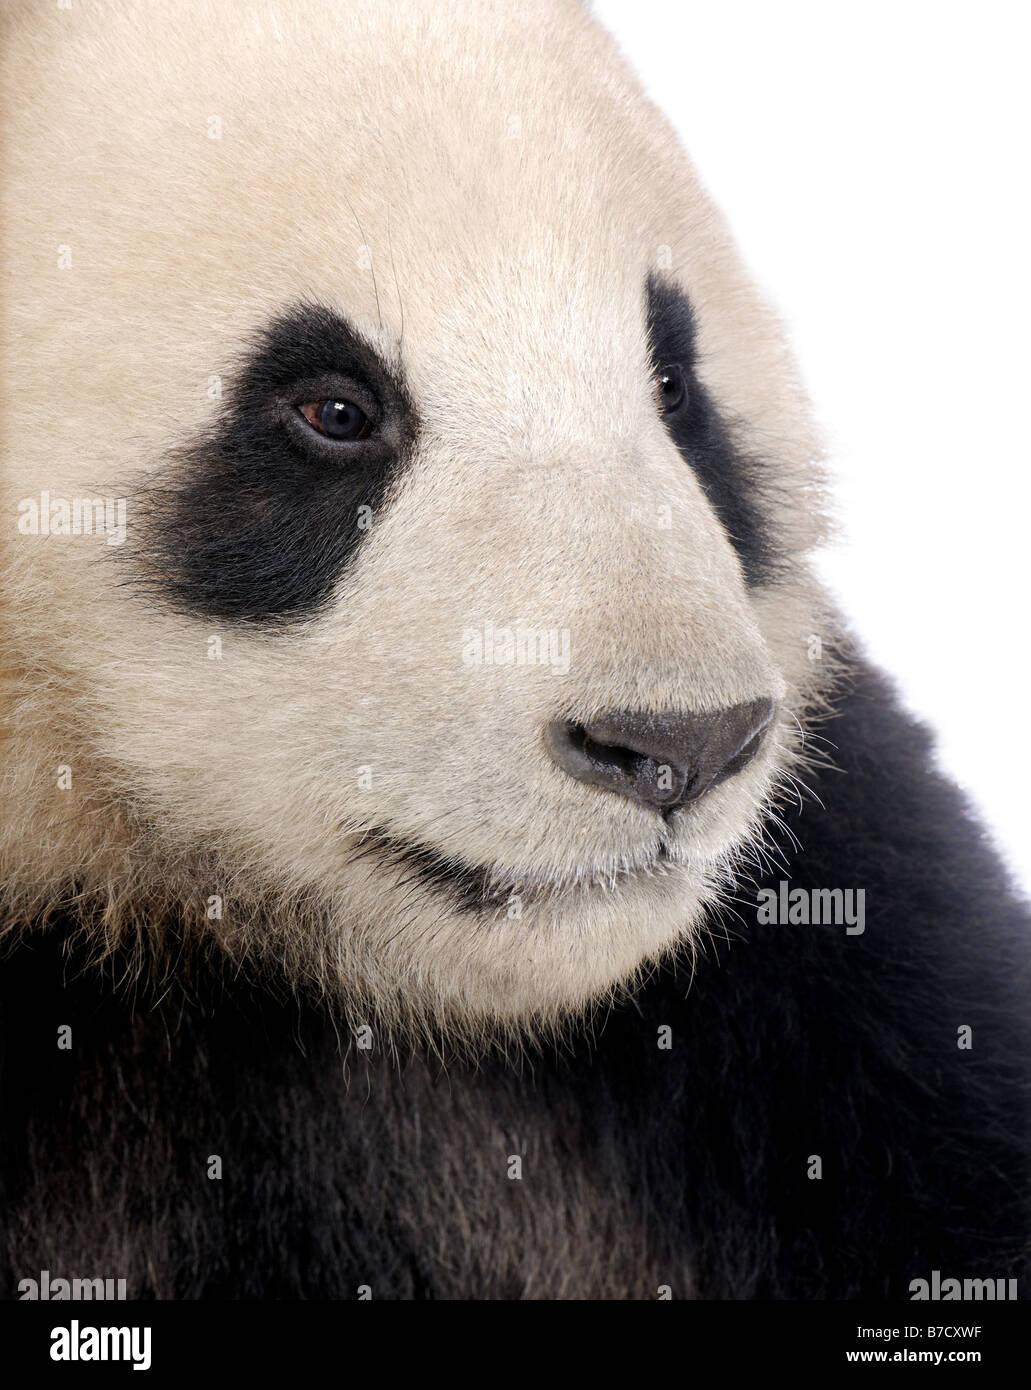 El panda gigante Ailuropoda melanoleuca 18 meses delante de un fondo blanco. Imagen De Stock